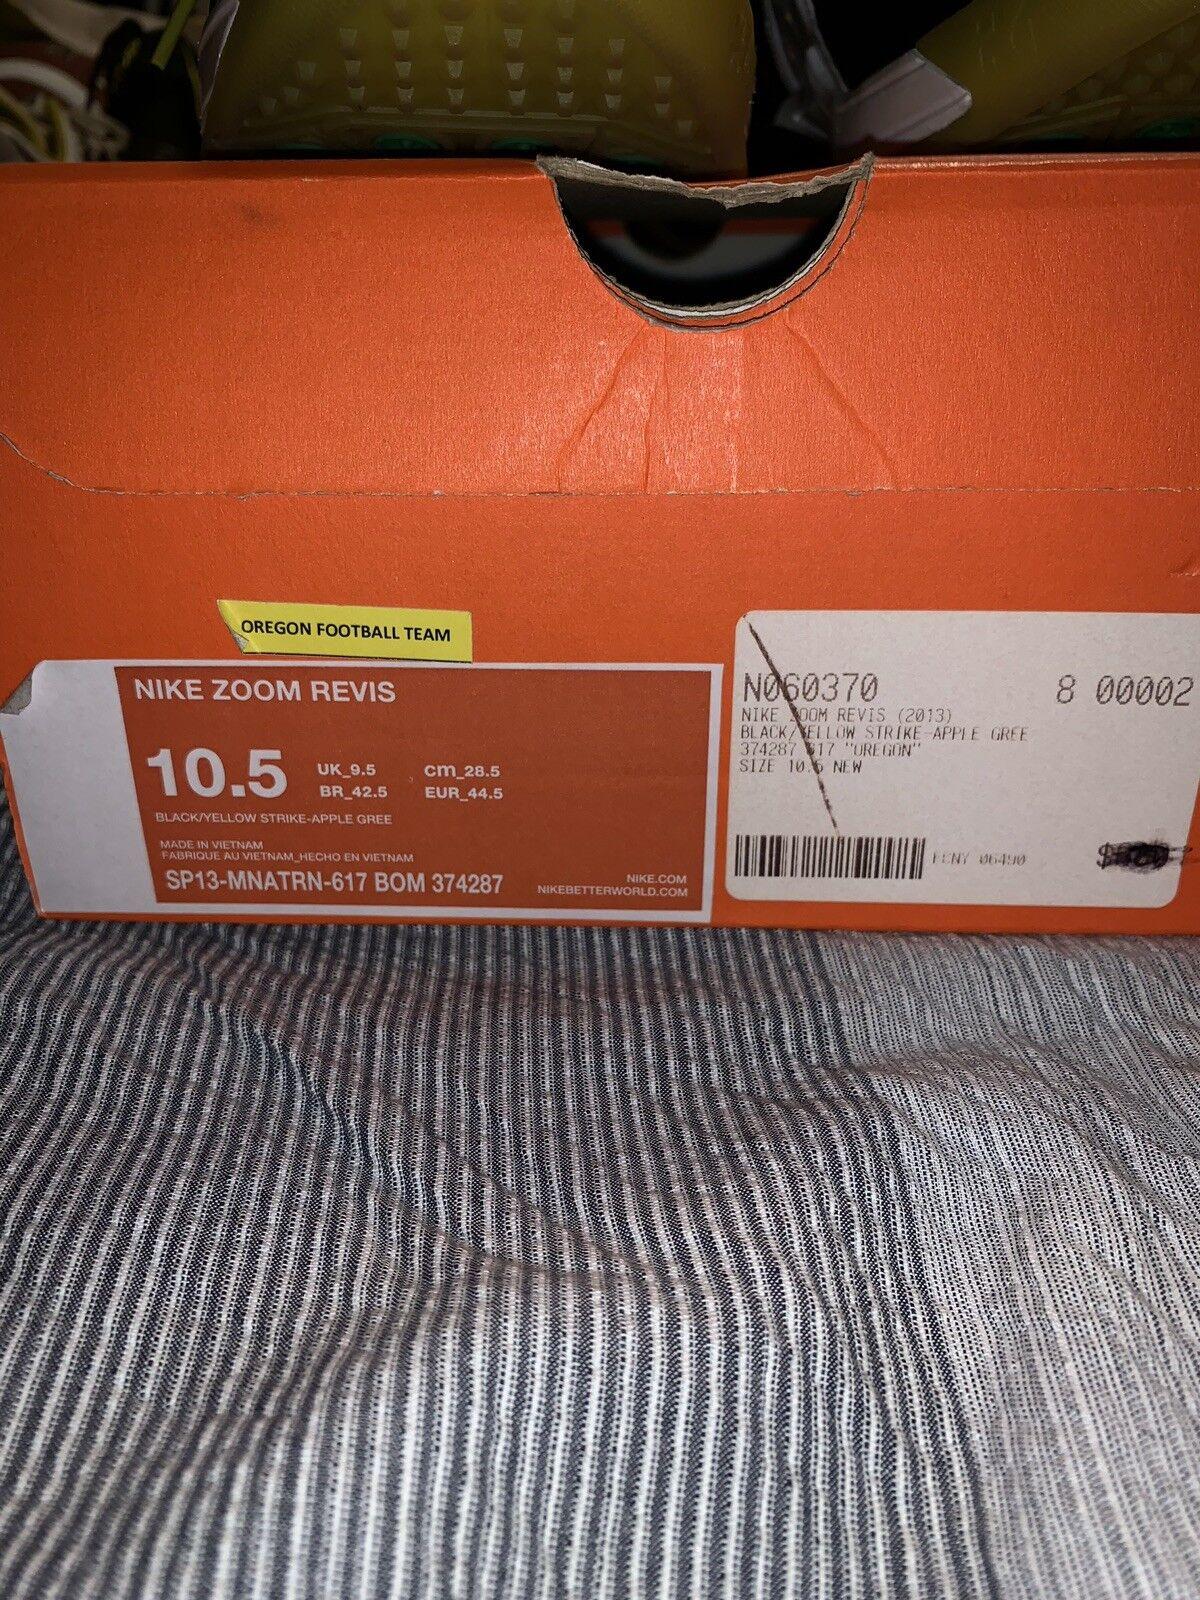 Nike Zoom Revis Revis Revis Oregon Sample Size 10.5 340d7d